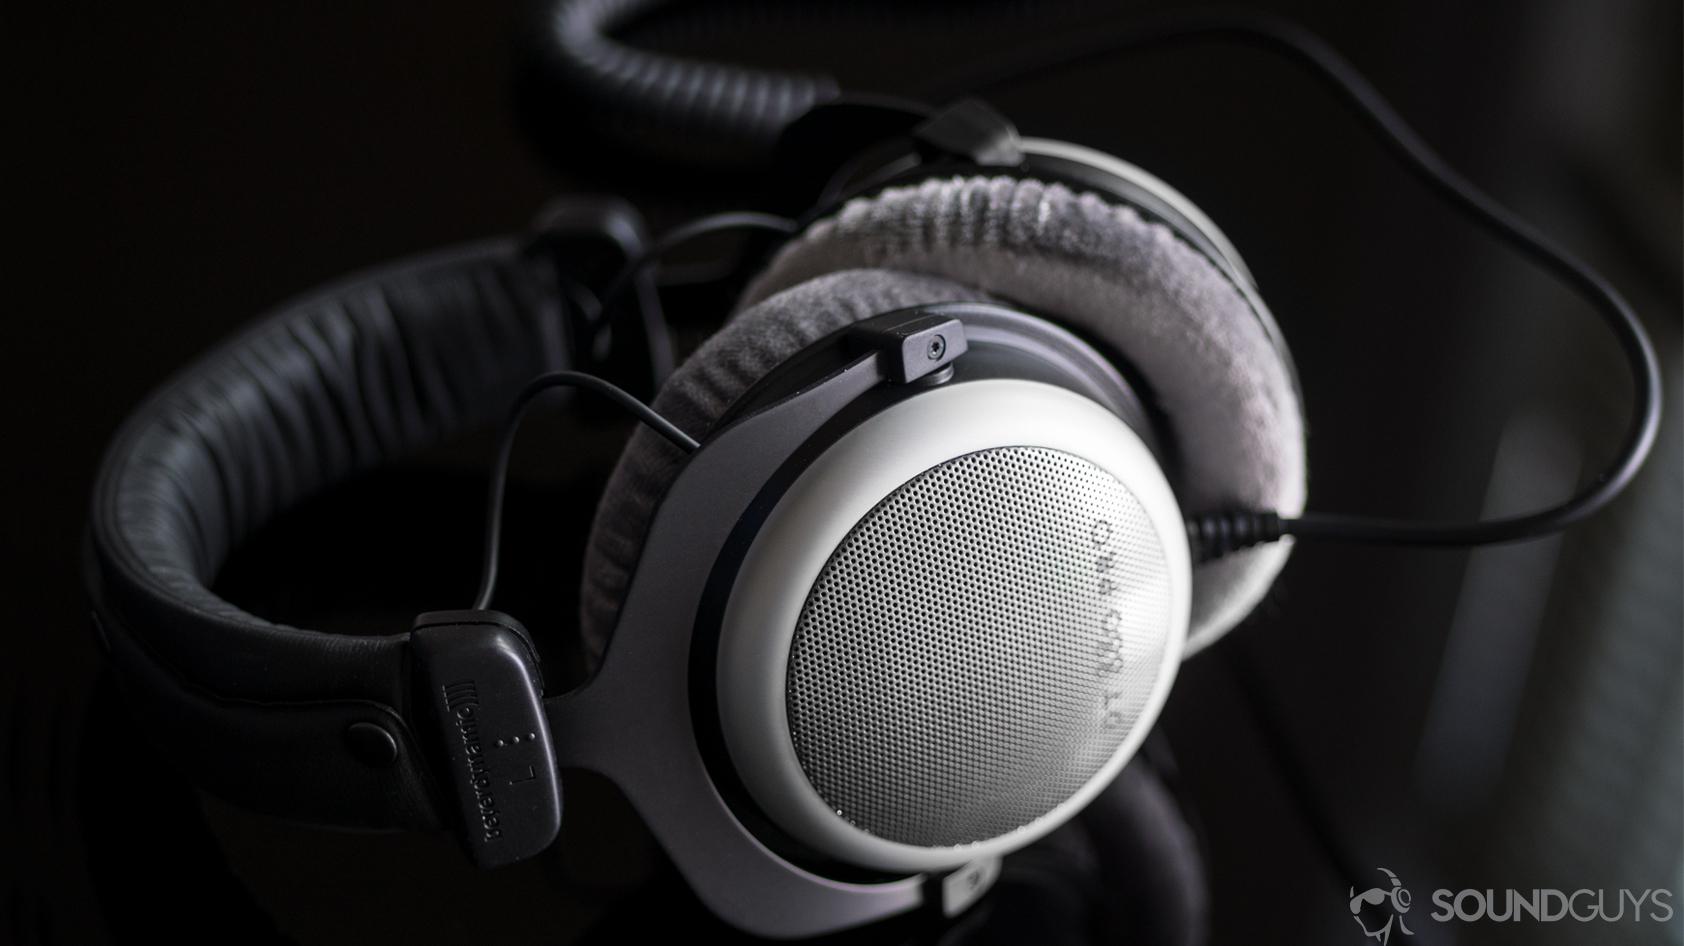 70286f5b2cc A photo of the Beyerdynamic DT 880 PRO headphones.